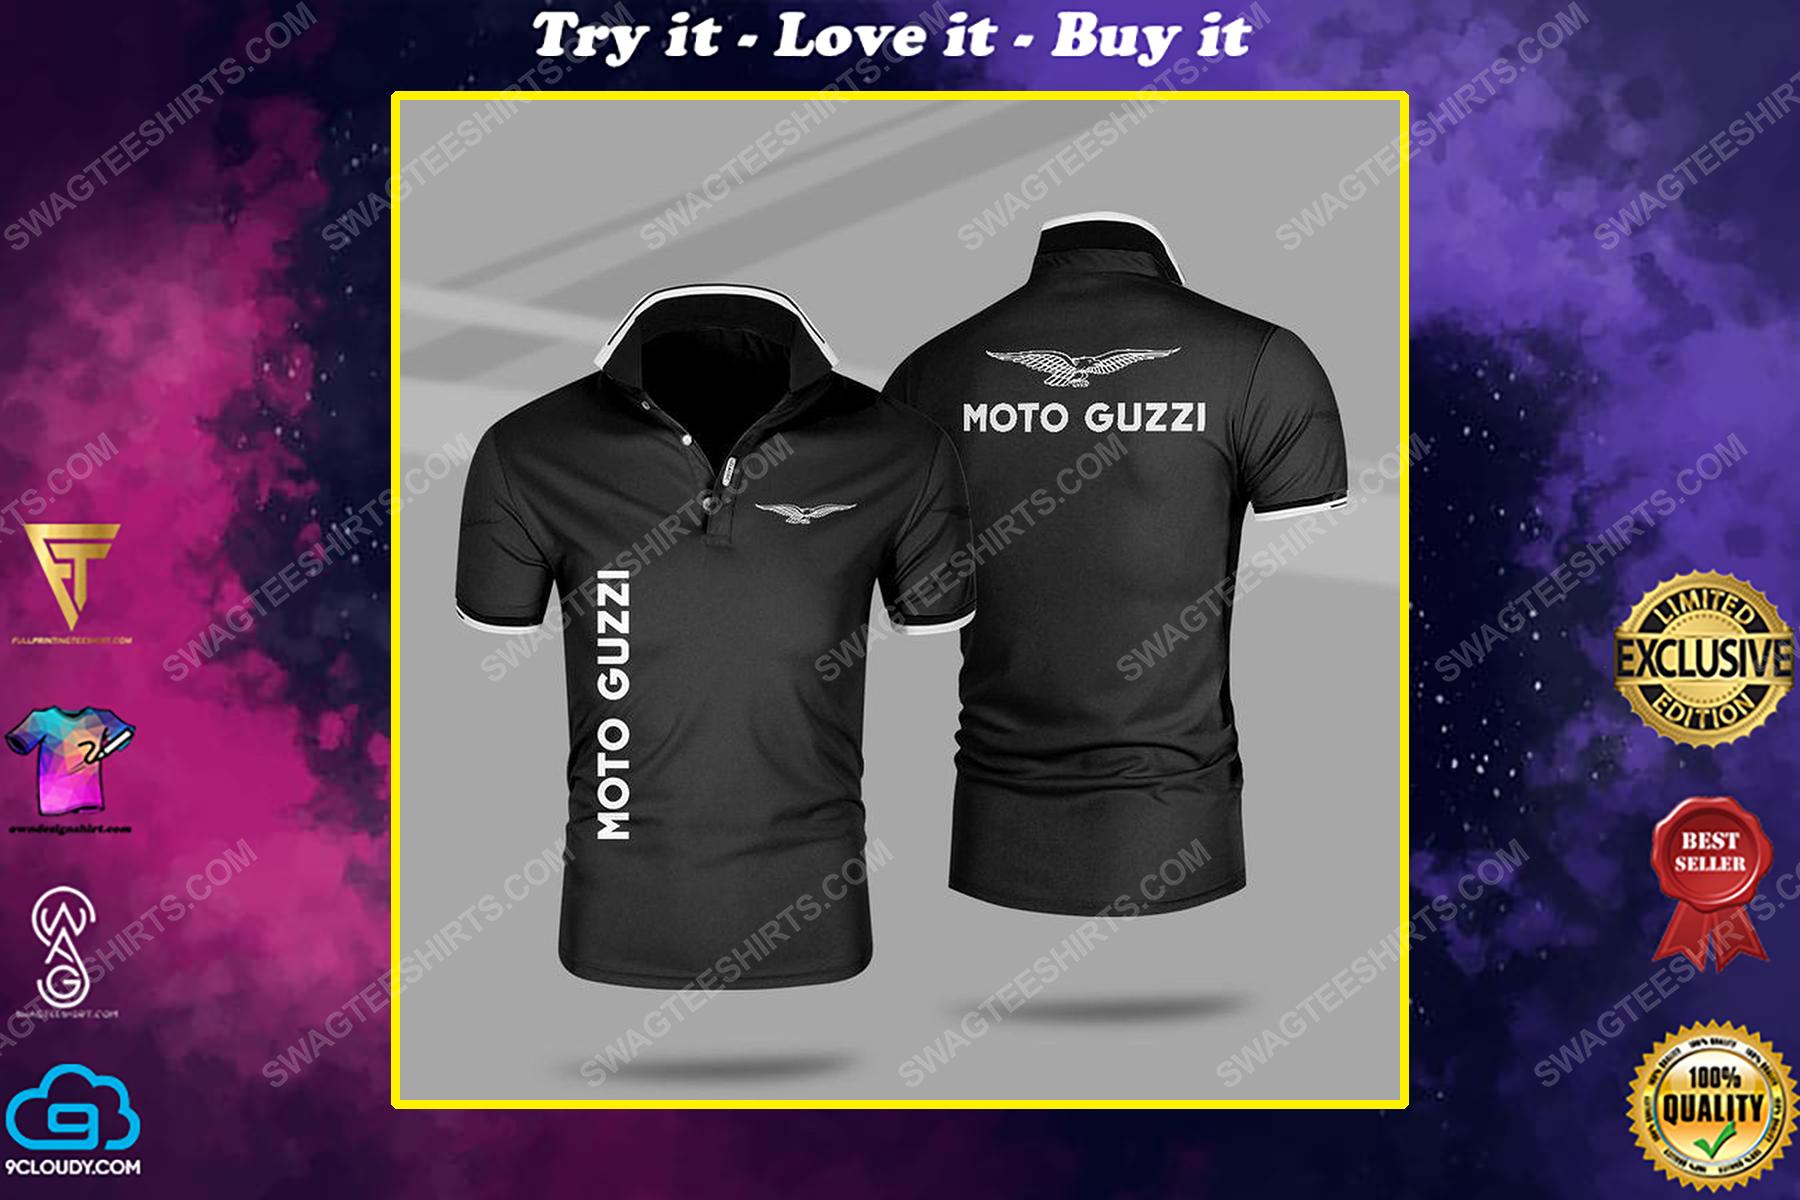 Moto guzzi italian motorcycles all over print polo shirt